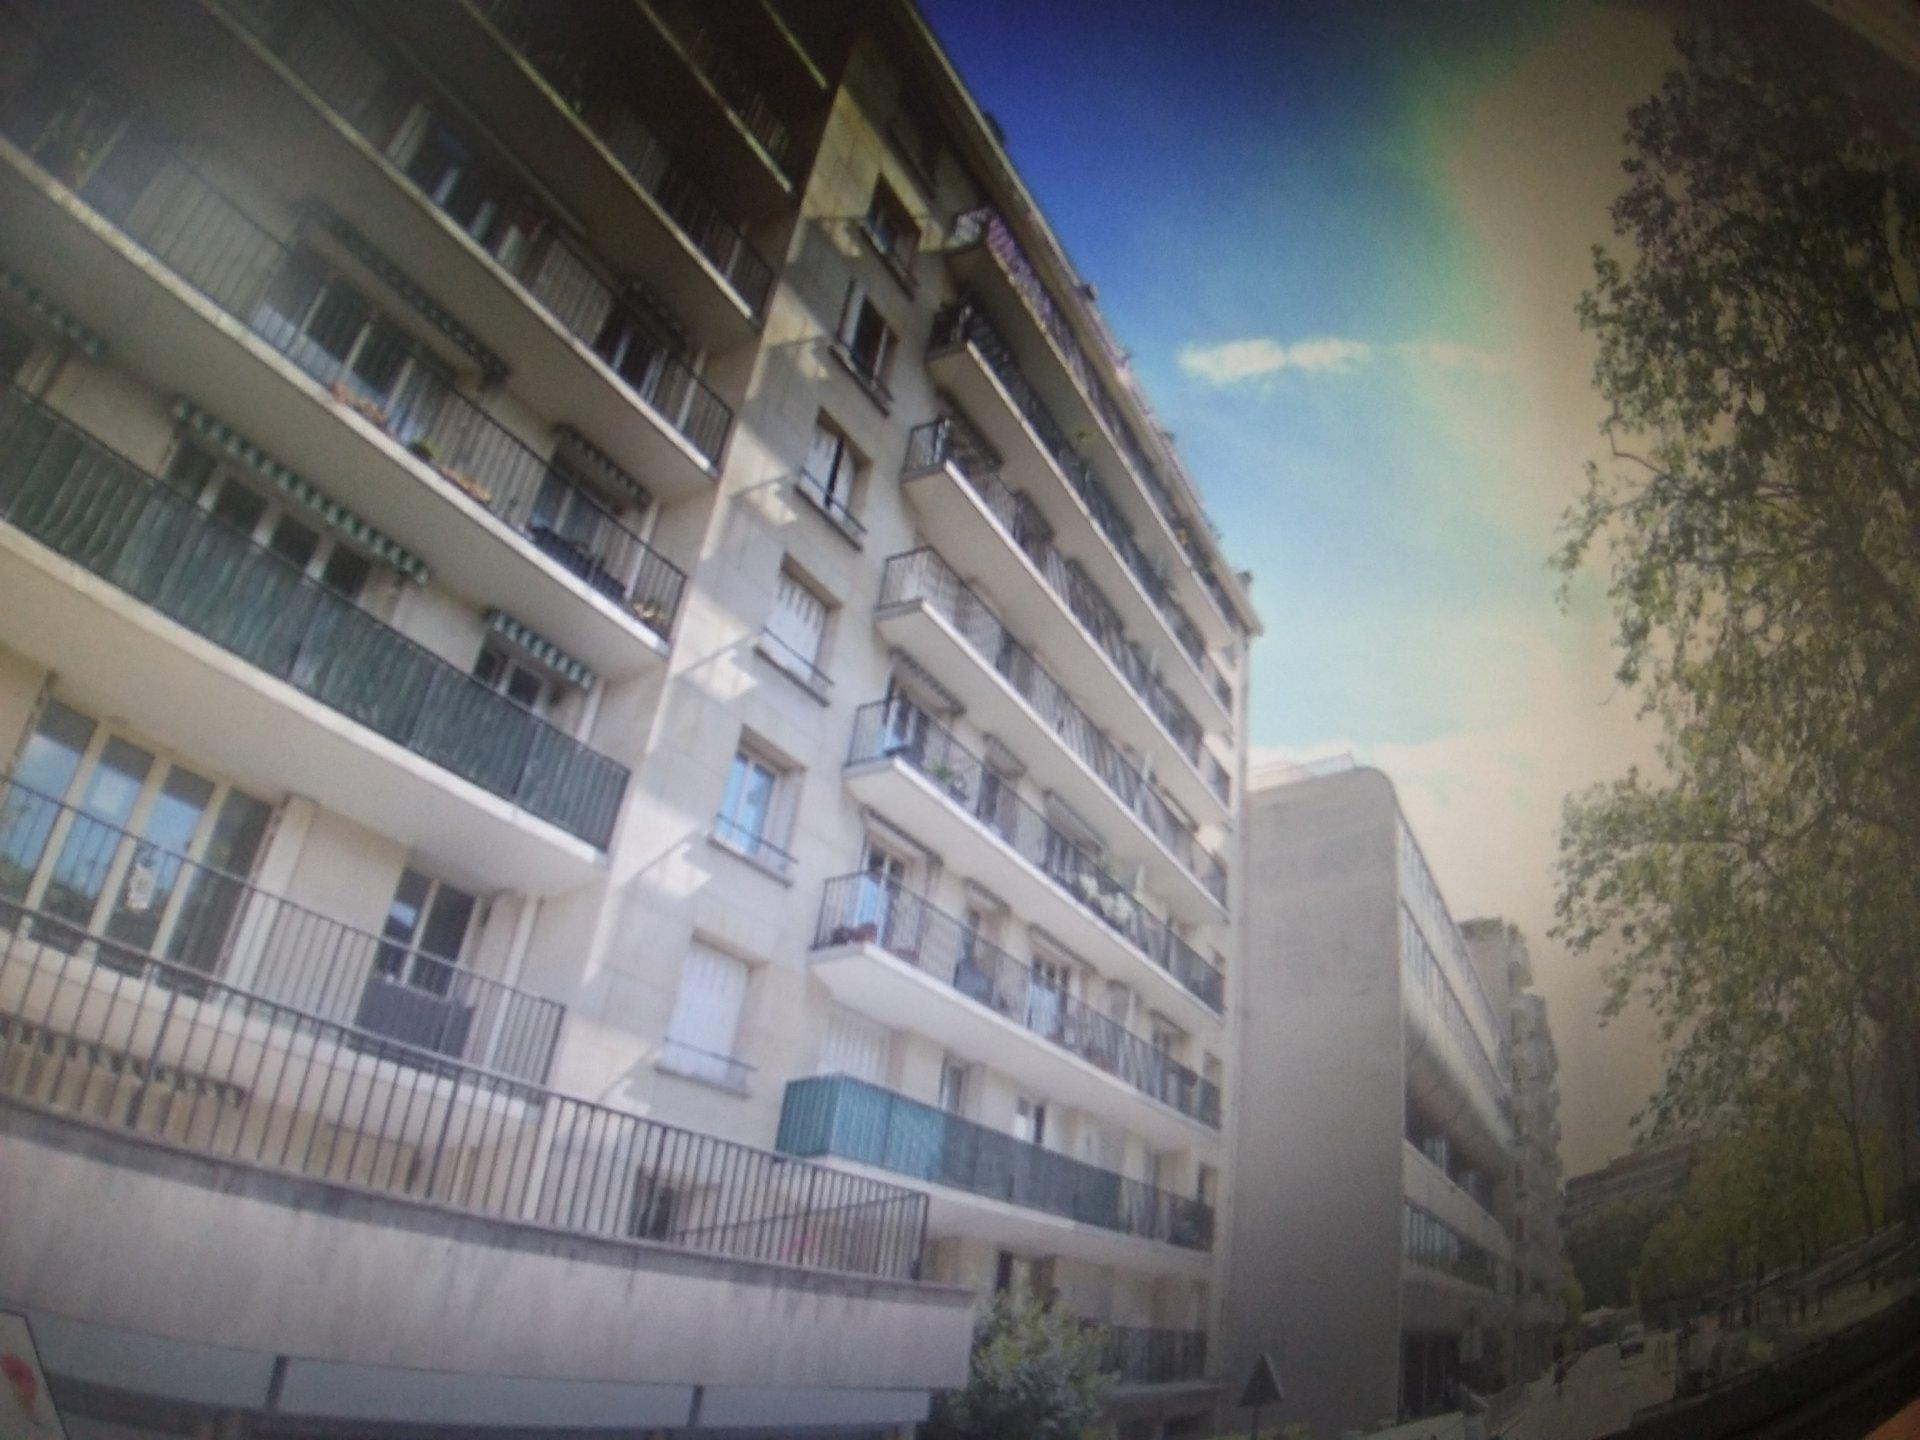 Vente appartement 3 pièces refait à neuf : 65 m² carrez + Balcon + Parking